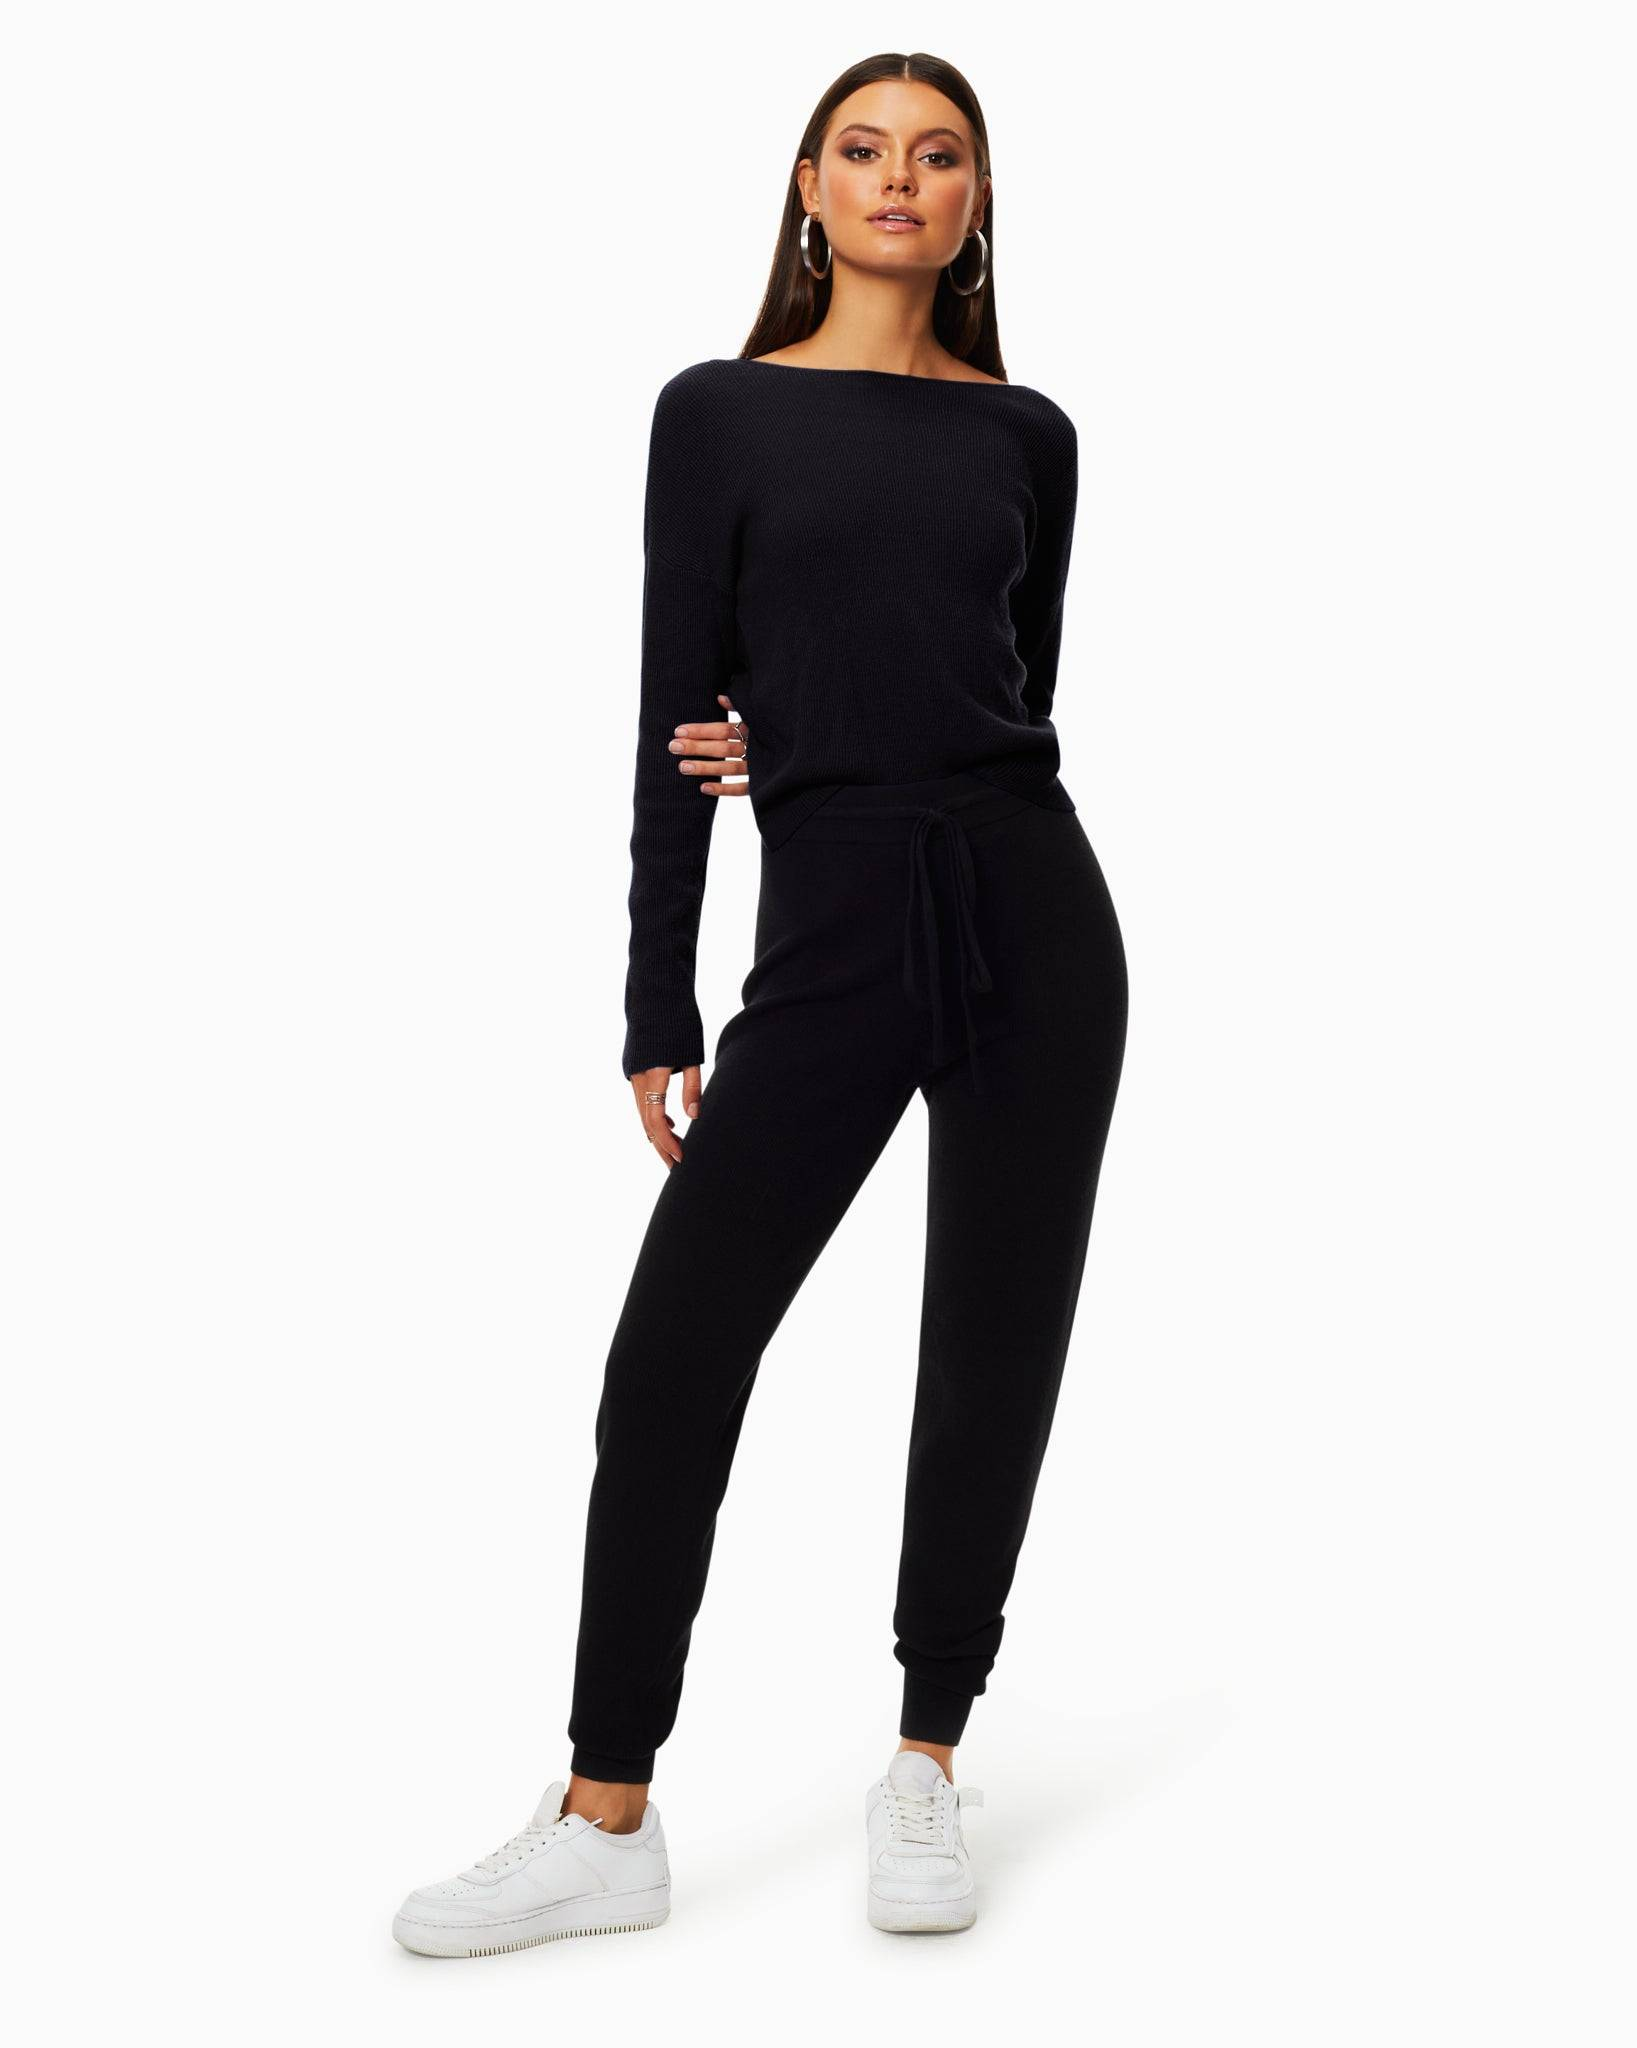 Landon Knit Jogger in Black - Black - Size: XXS